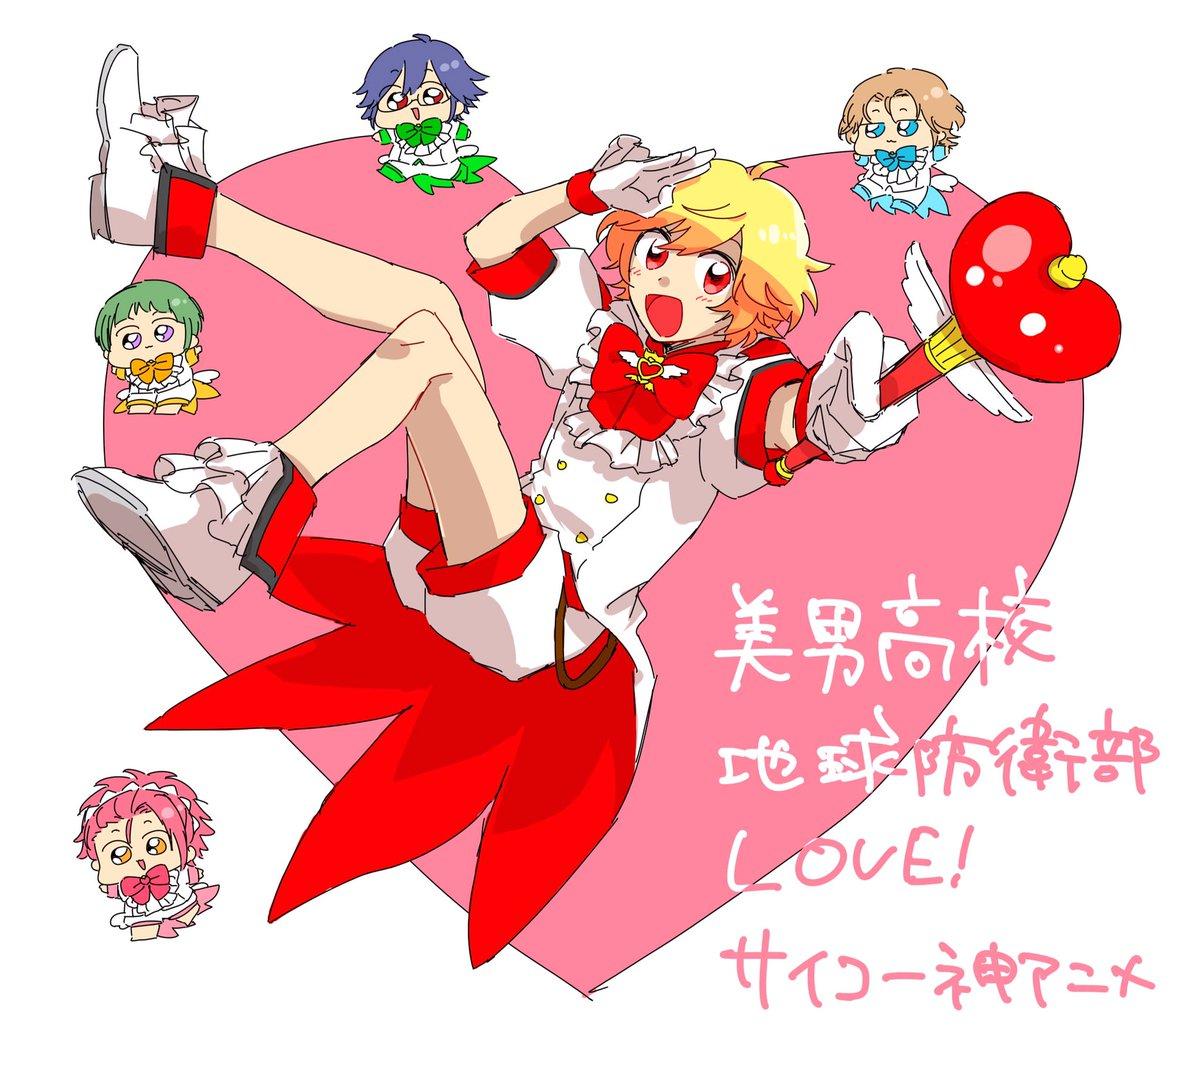 美男高校地球防衛部LOVE!LOVE!サイコー神アニメ!!!!!!!ありがとうございます!!!!!!!